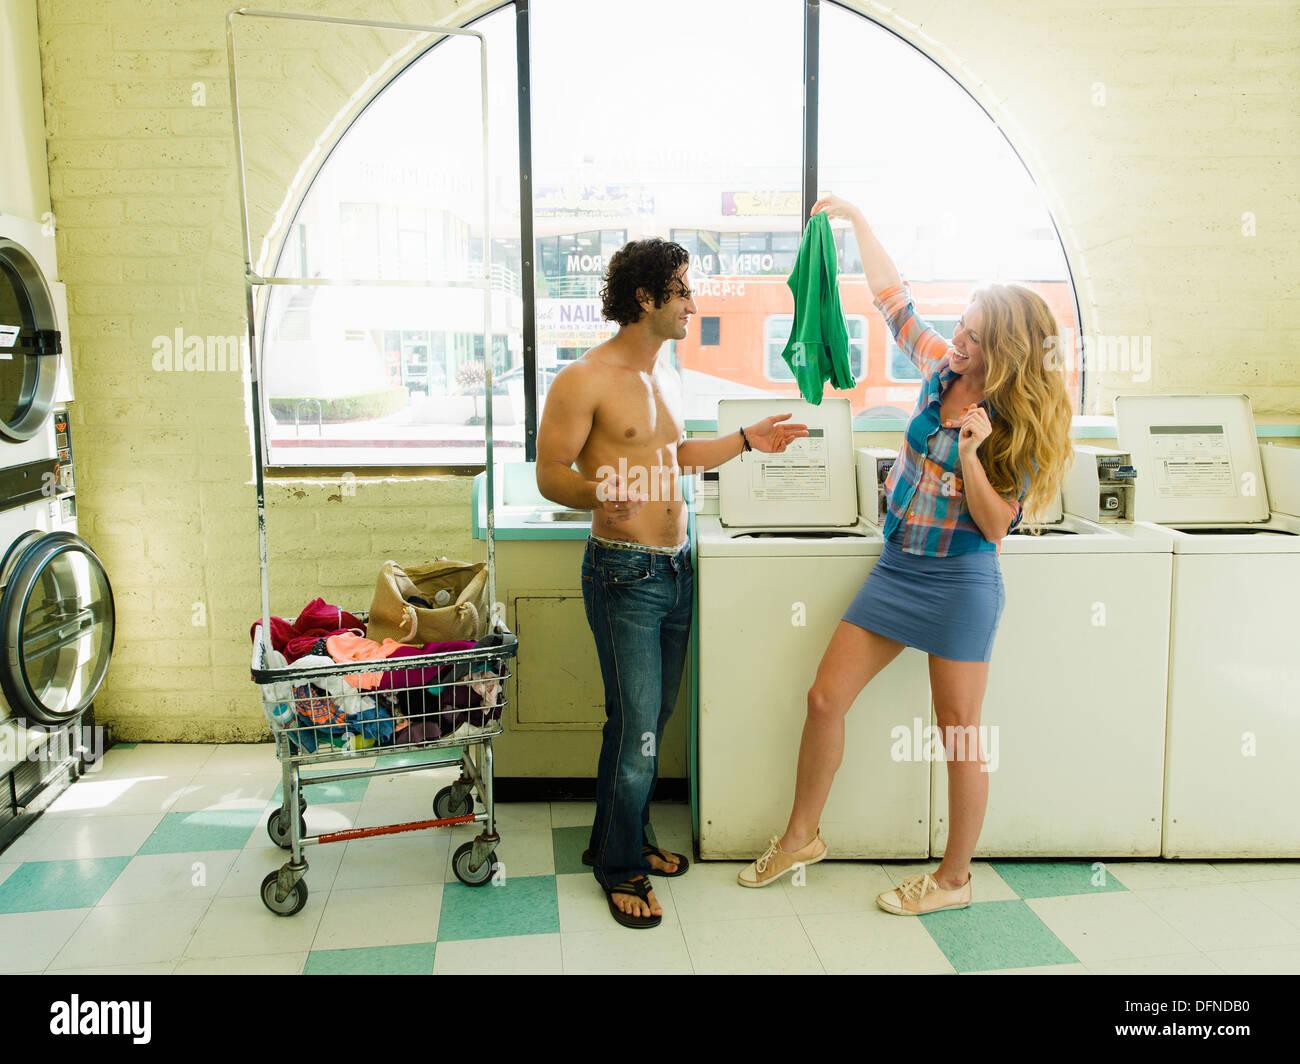 Une jolie femme pend un T-shirt avant qu'un corps nu jeune homme à San Diego coin laverie. Photo Stock